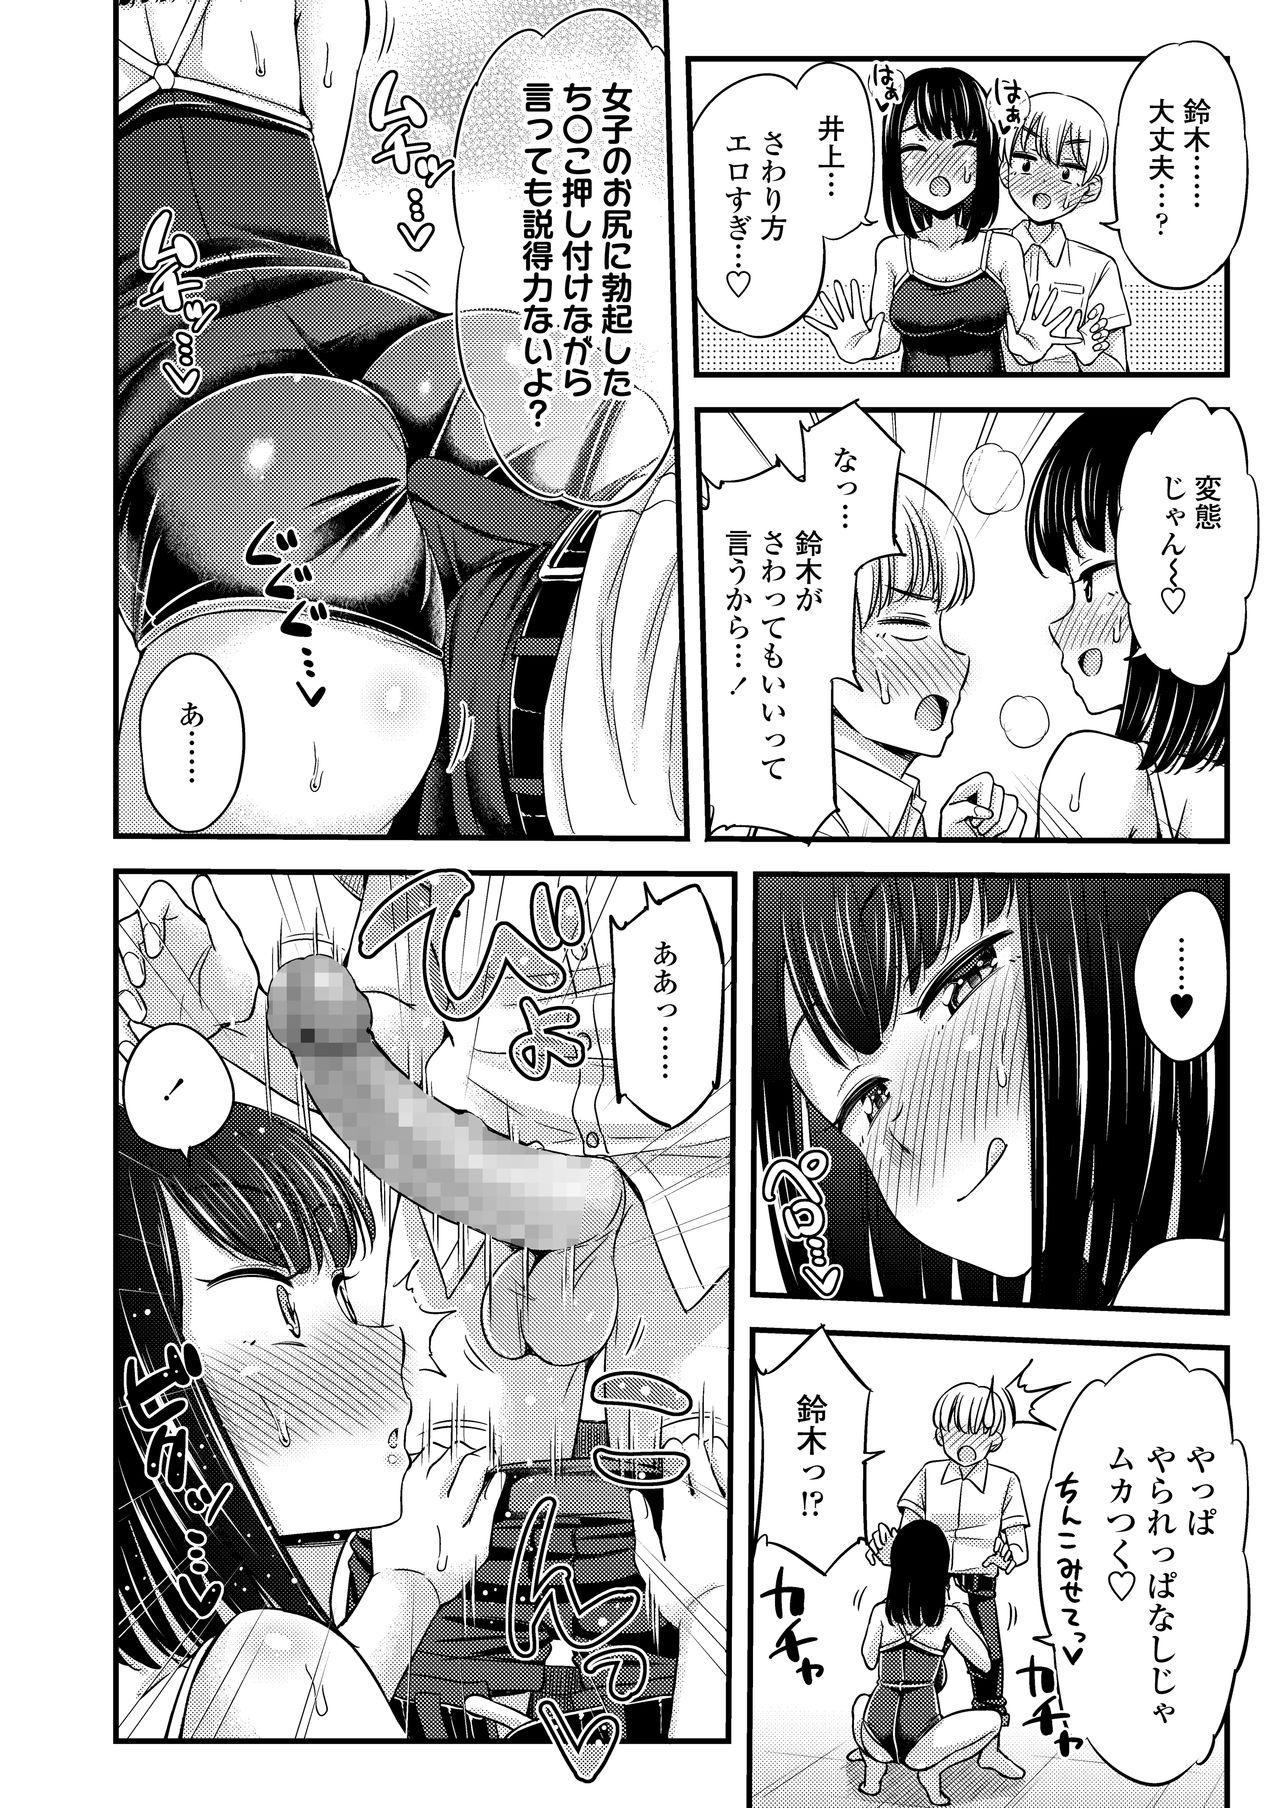 COMIC AOHA 2021 Natsu 107